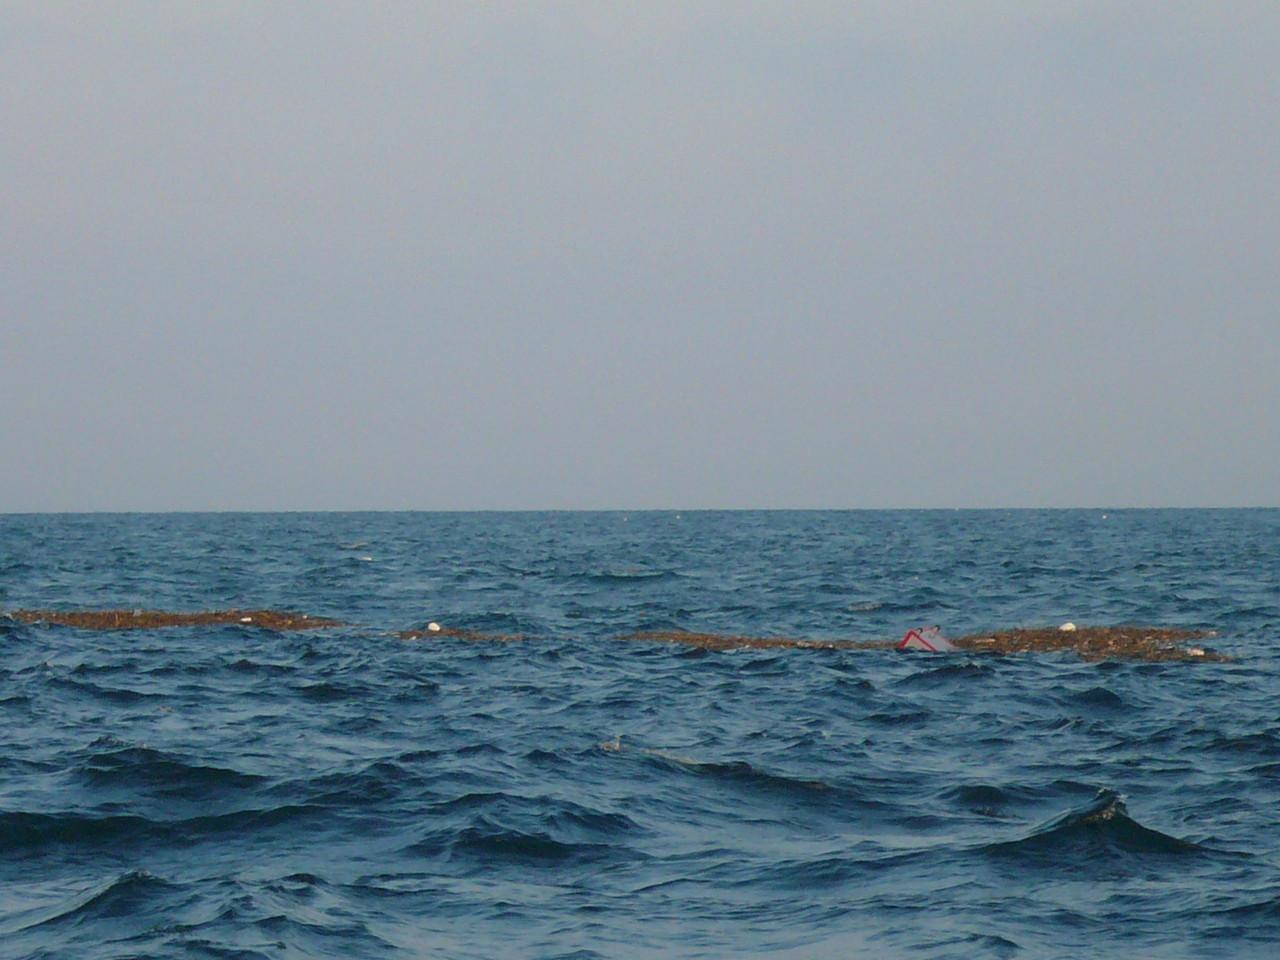 韓国に台風16号上陸 その結果 喜ぶのはシイラだけ ほかの魚もかな